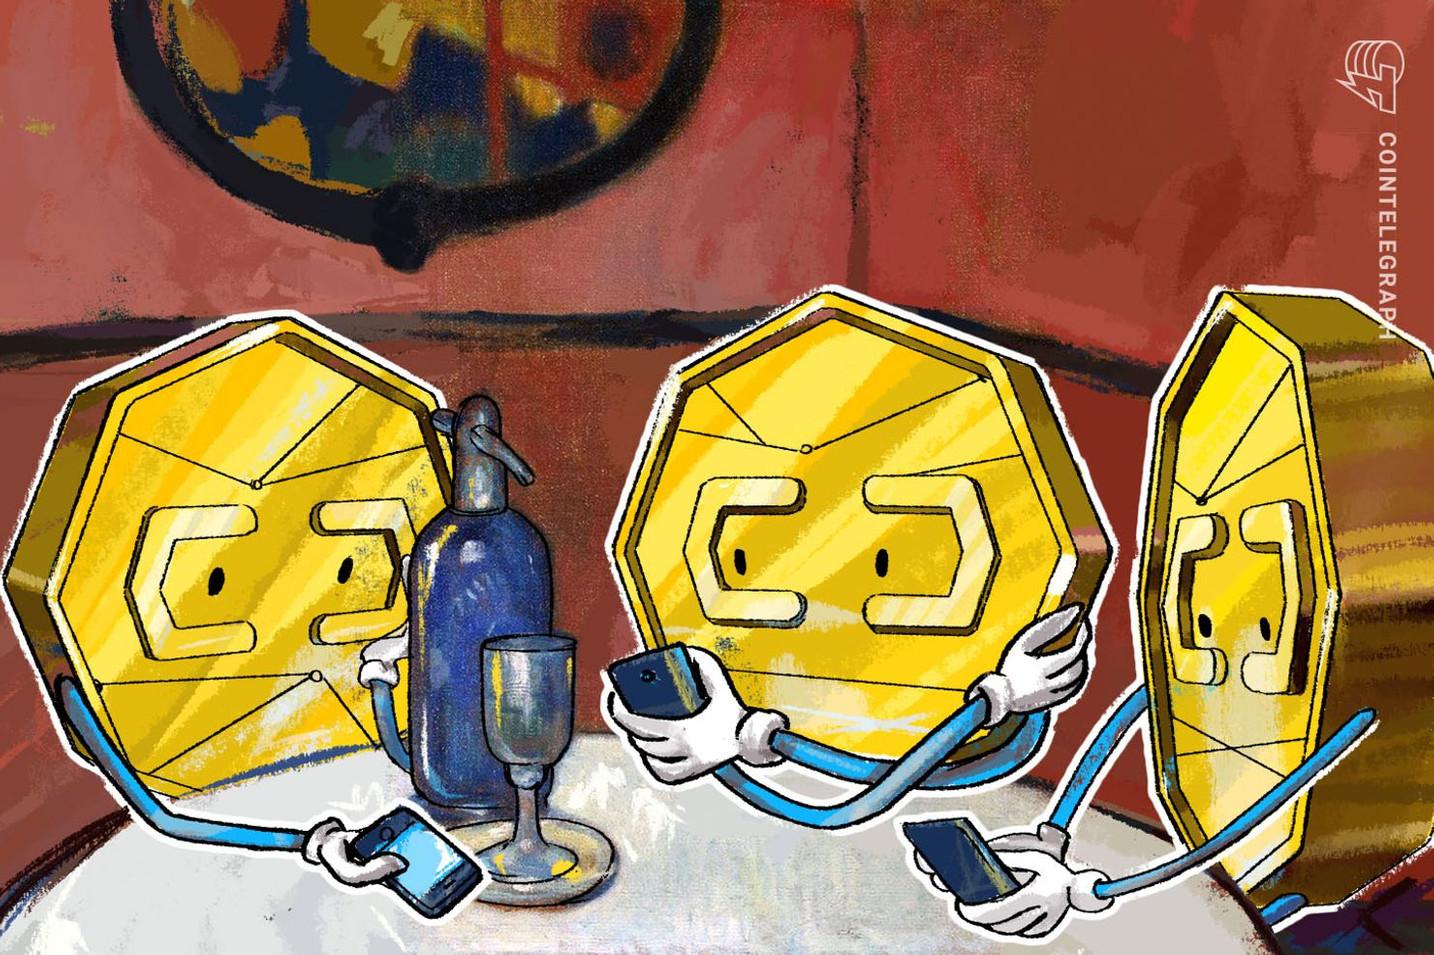 仮想通貨ビットコイン価格チャートが弱気クロスオーバー示現か 6000ドルへ下落リスクも